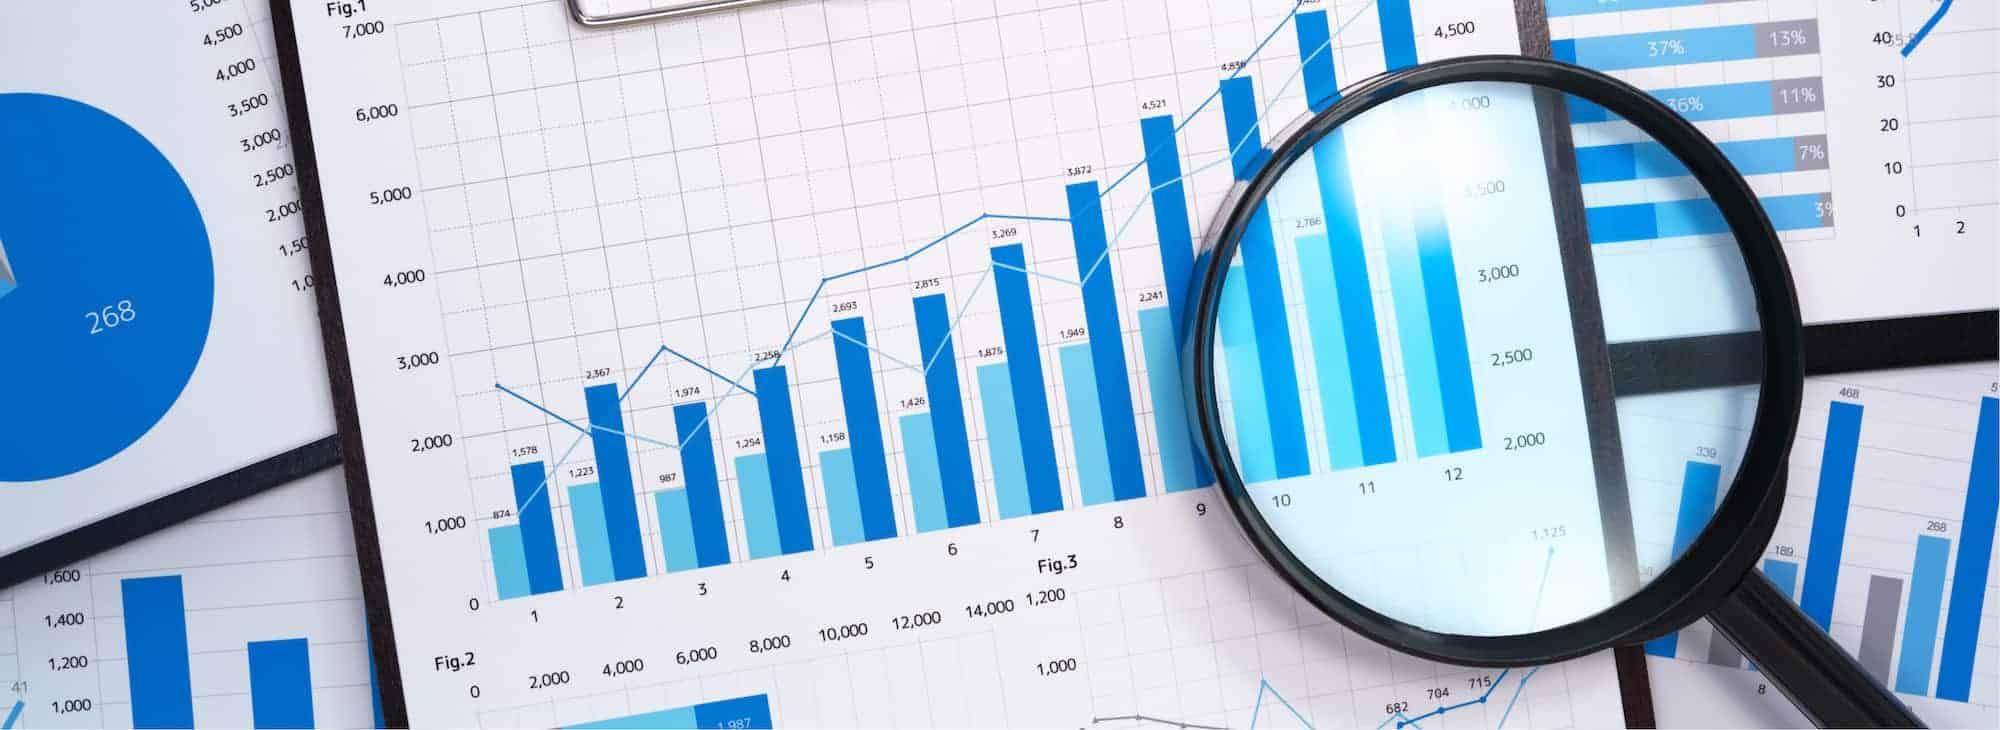 Statistiques concernant le référencement